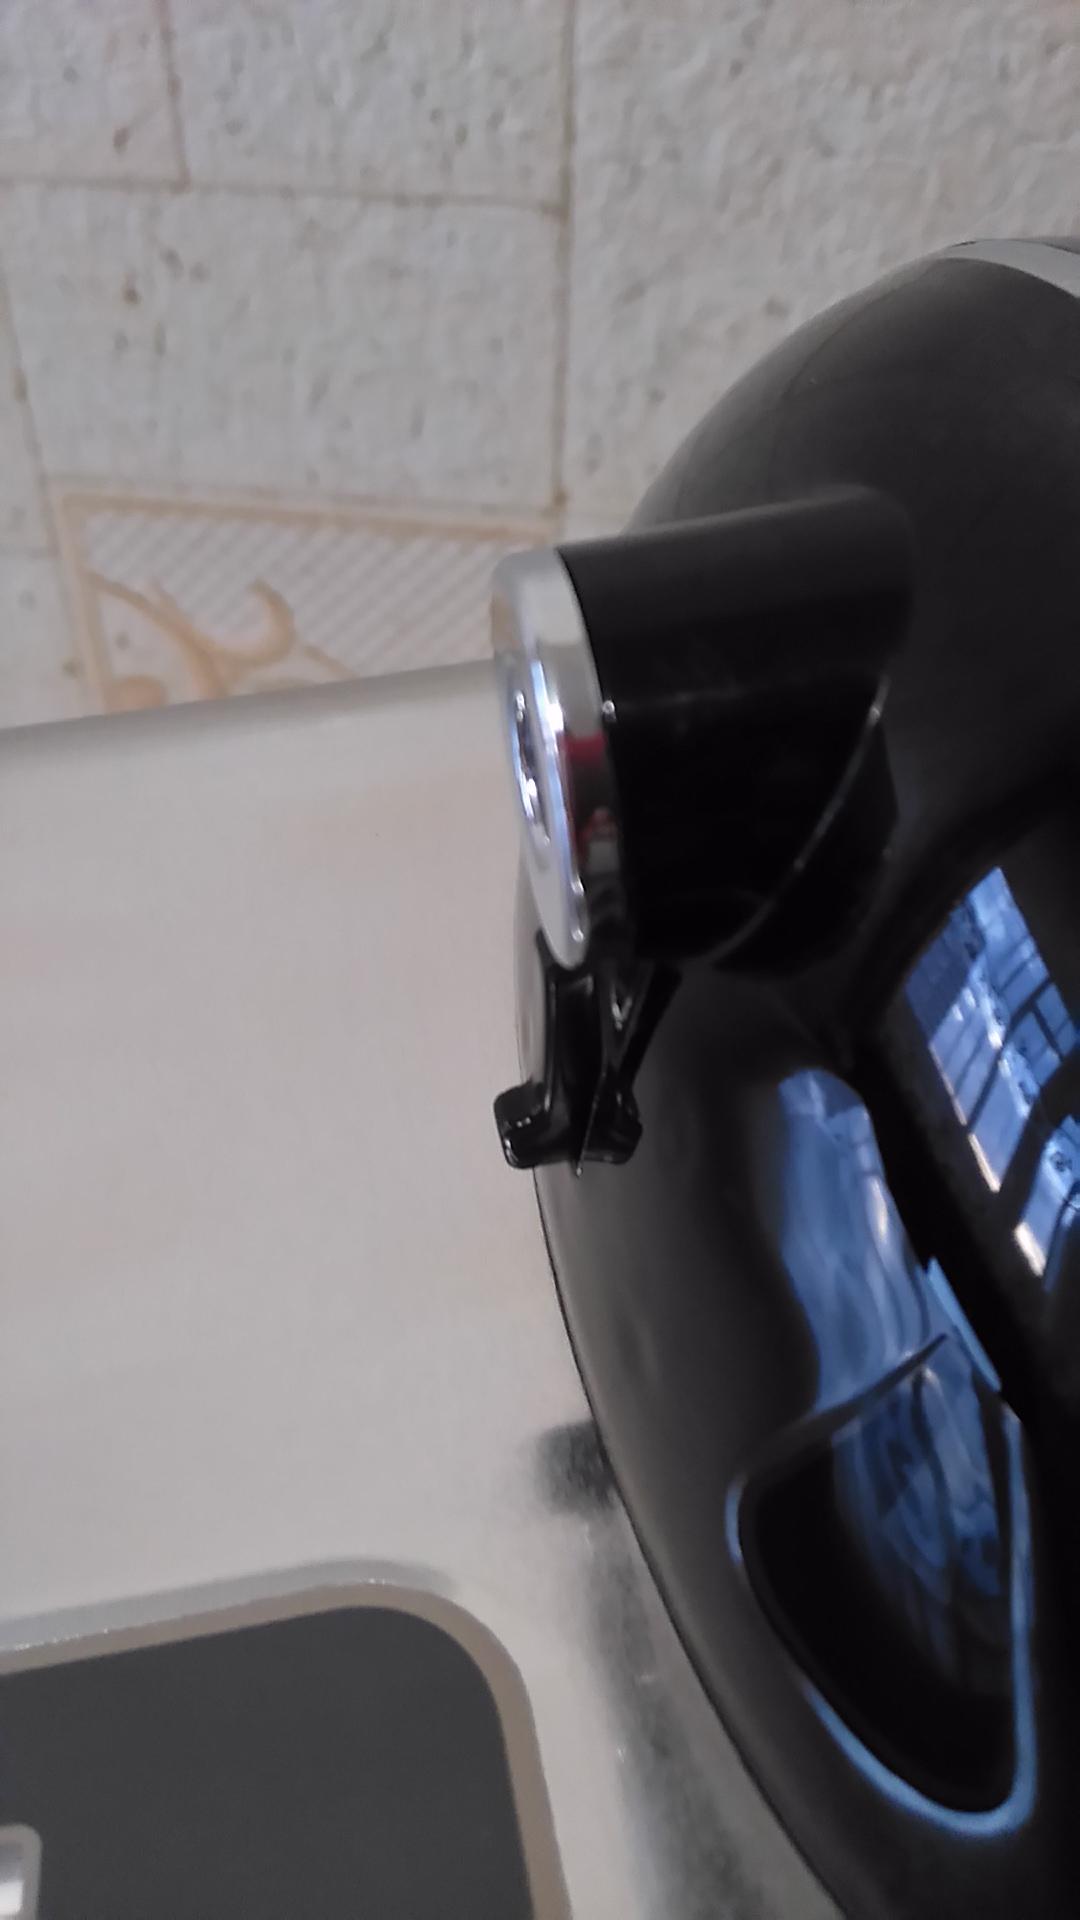 NQN51IVwwocUv4b3LpjO0BumkEgngl7ljTWDuosV.jpeg